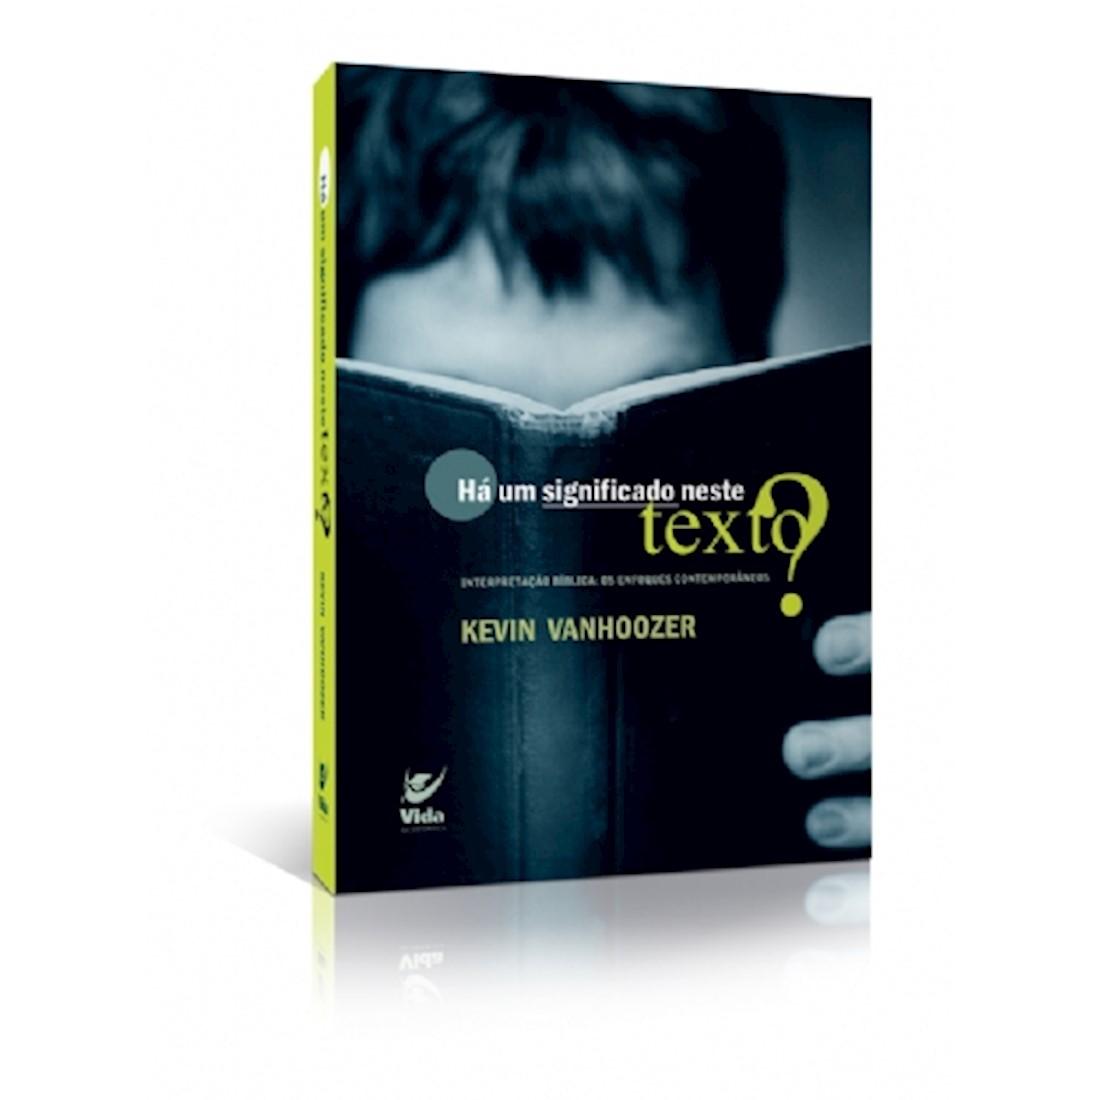 Livro Há um Significado Neste Texto?